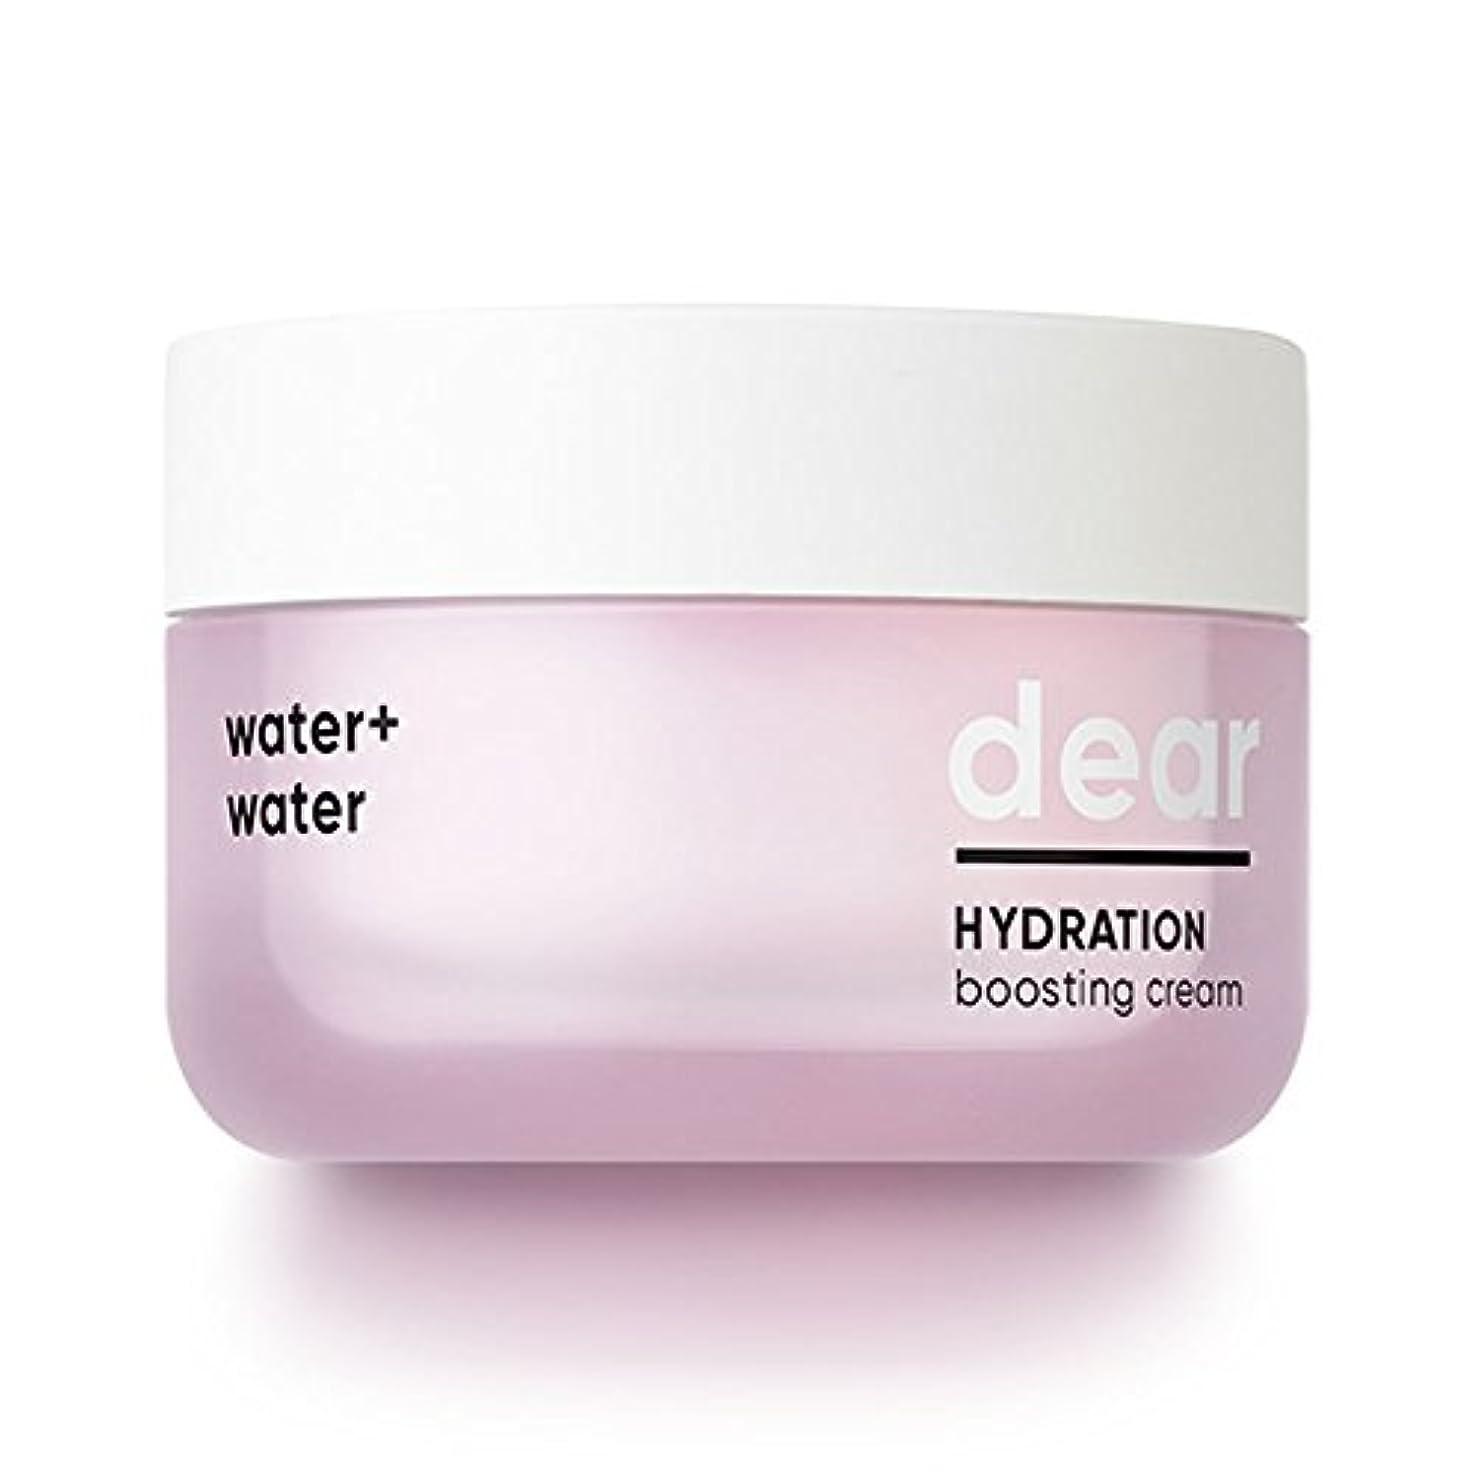 周囲限り彼のBANILA CO(バニラコ) ディア ハイドレーション ブースティングクローム Dear Hydration Boosting Cream